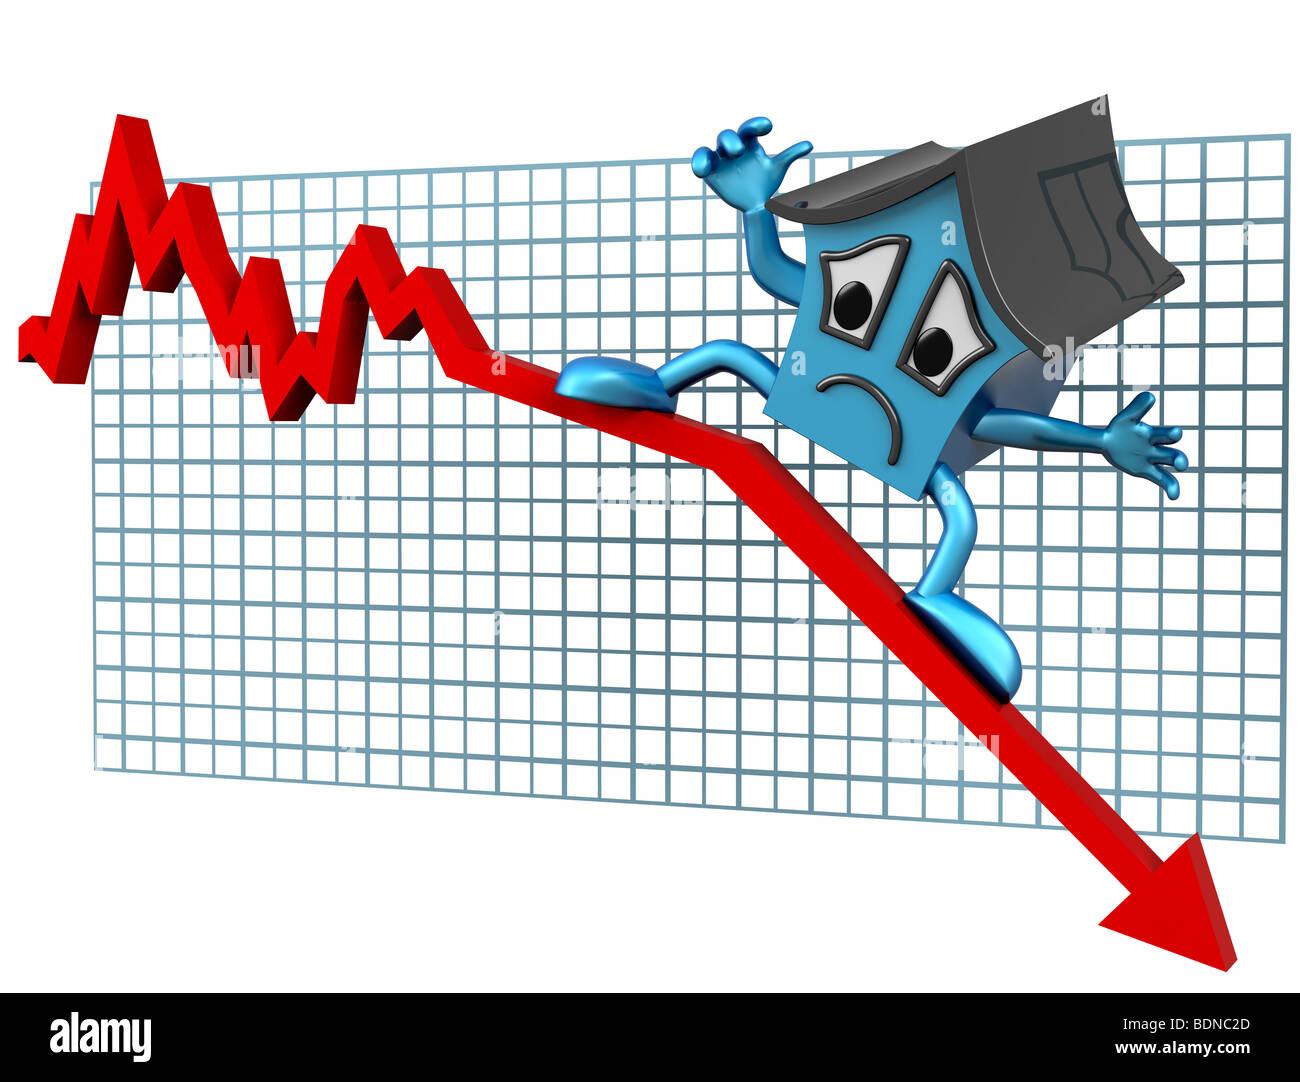 Illustration d'une maison isolée du surf à la baisse sur une graphique en déclin Photo Stock